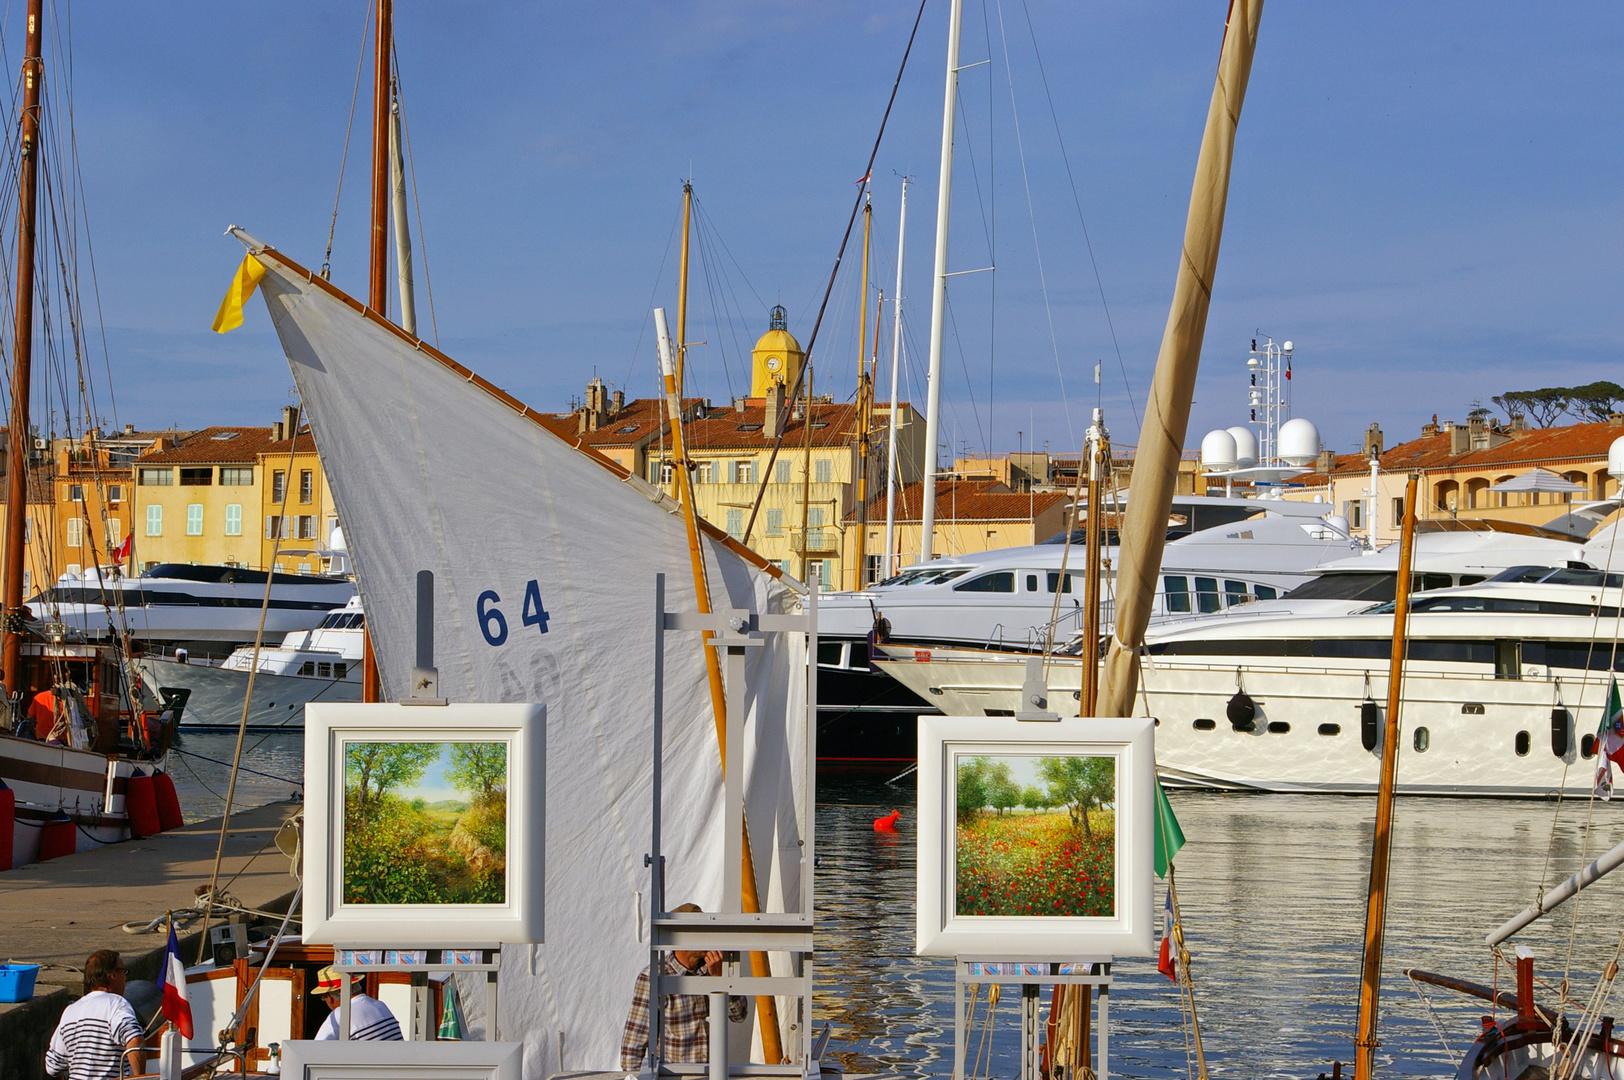 Bilder im Hafen von Saint Tropez